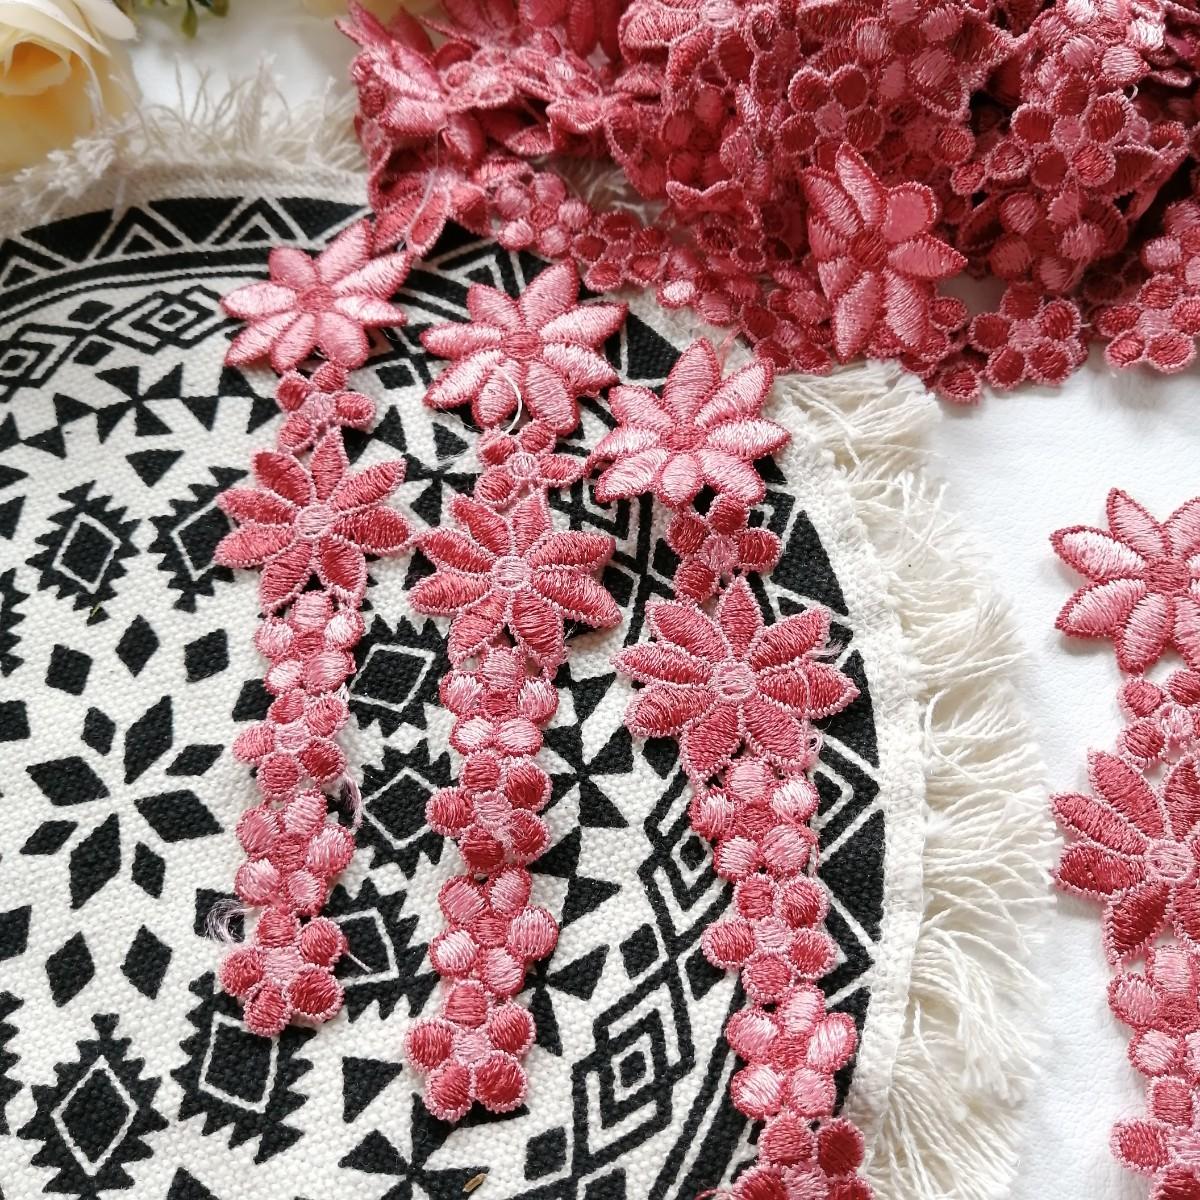 ハンドメイド ワッペン   刺繍 綺麗なワッベン 手作り 花モチーフ お花 1